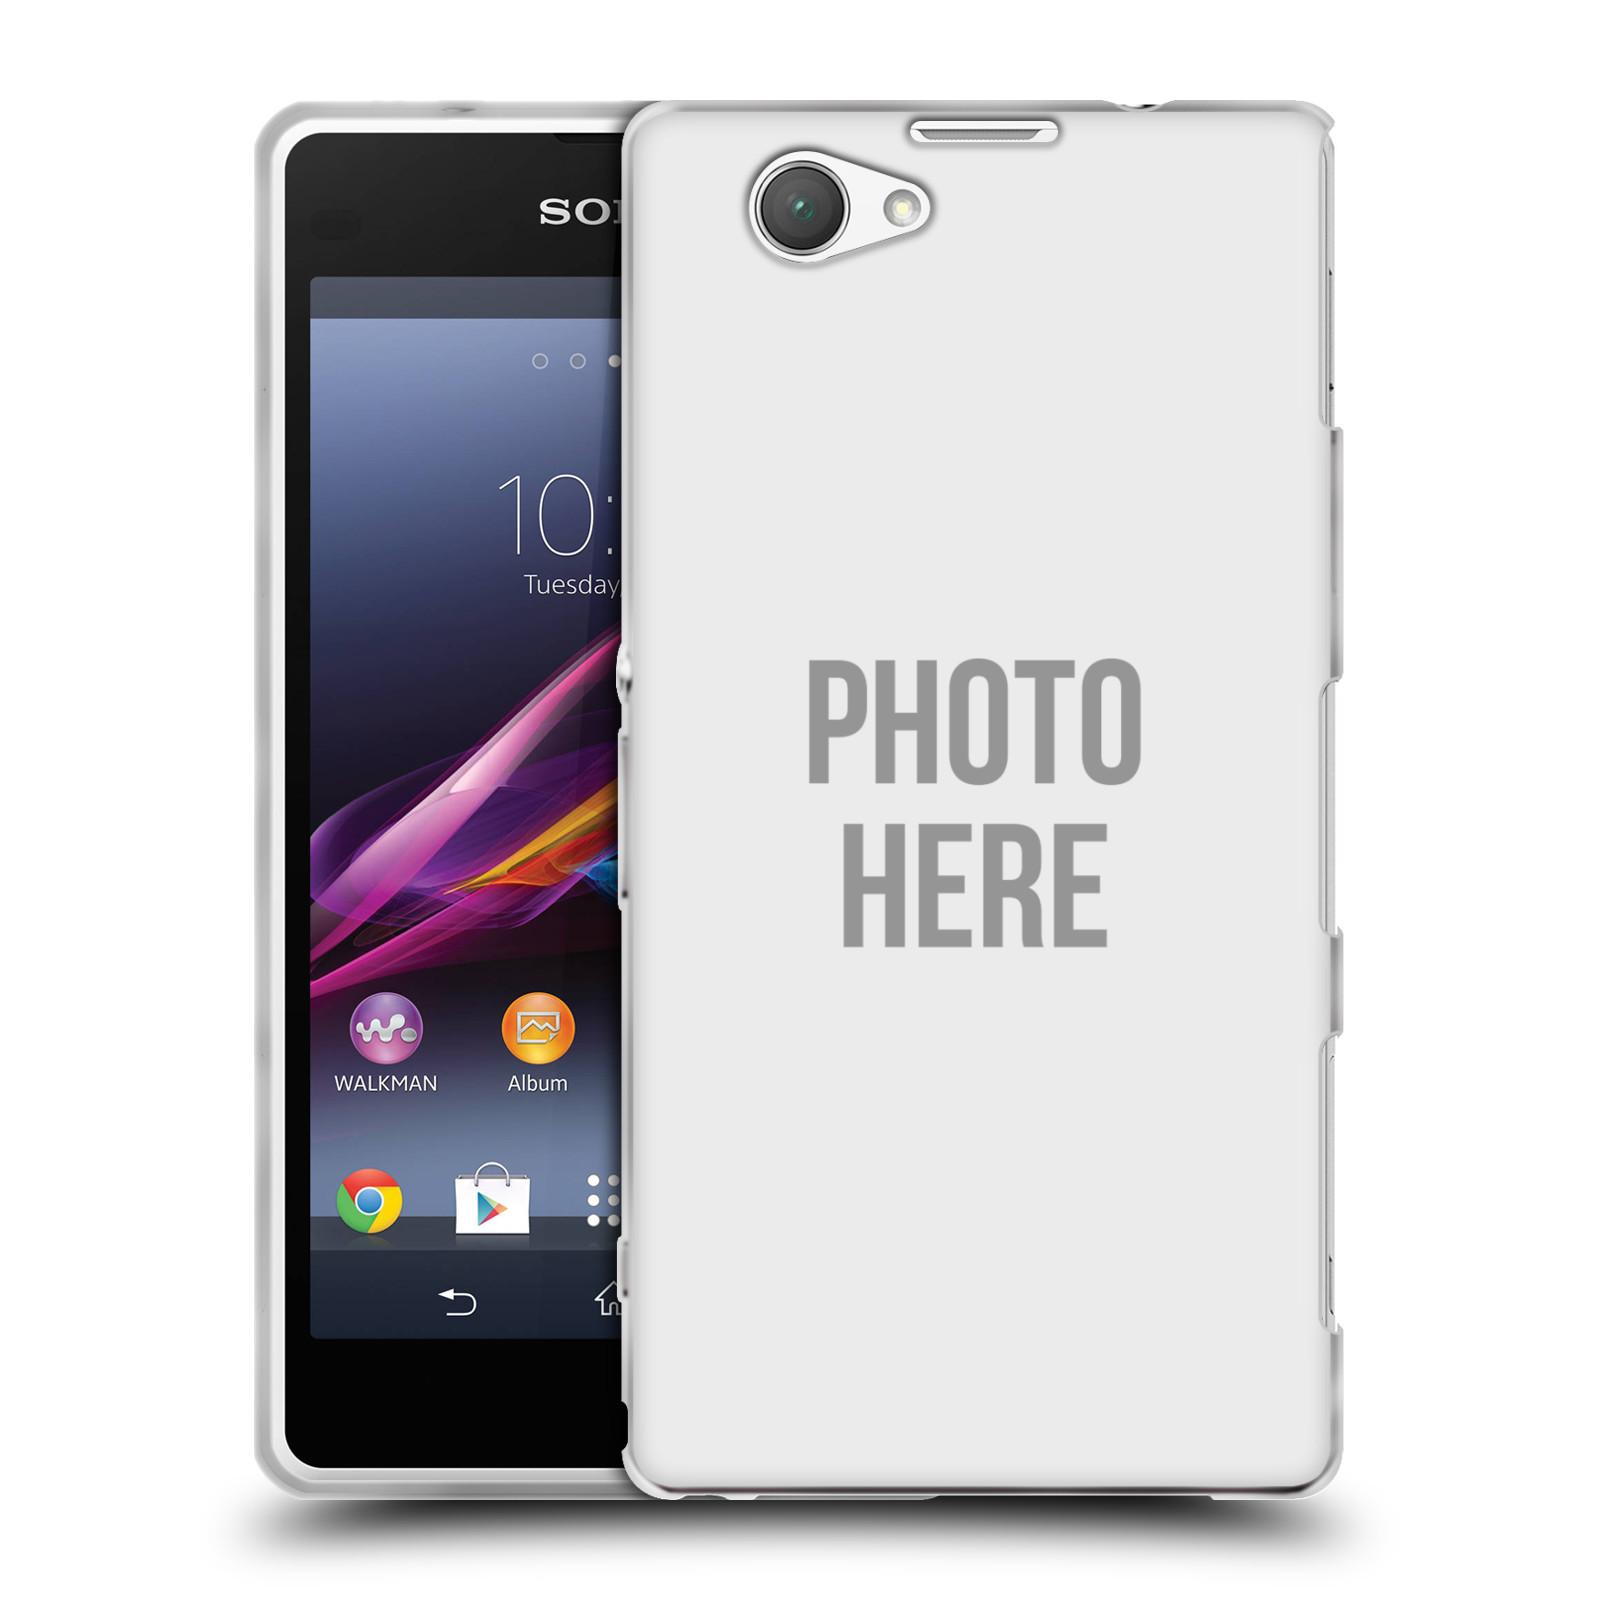 Silikonové pouzdro na mobil Sony Xperia Z1 Compact D5503 HEAD CASE s vlastním motivem (Silikonový kryt či obal s vlastní fotografií na mobilní telefon Sony Xperia Z1 Compact)